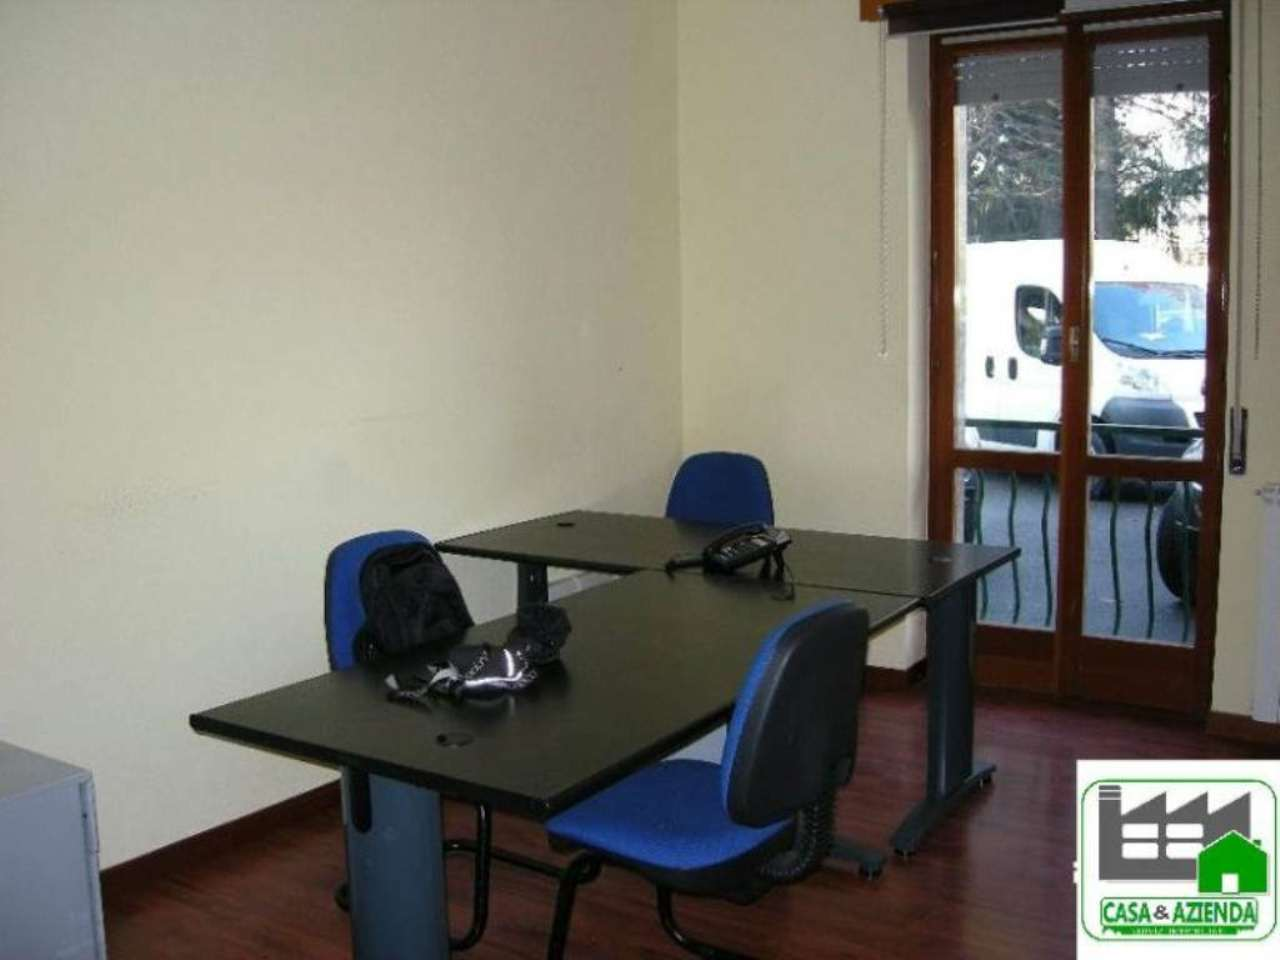 Ufficio / Studio in affitto a Cernusco sul Naviglio, 9999 locali, prezzo € 650 | Cambio Casa.it